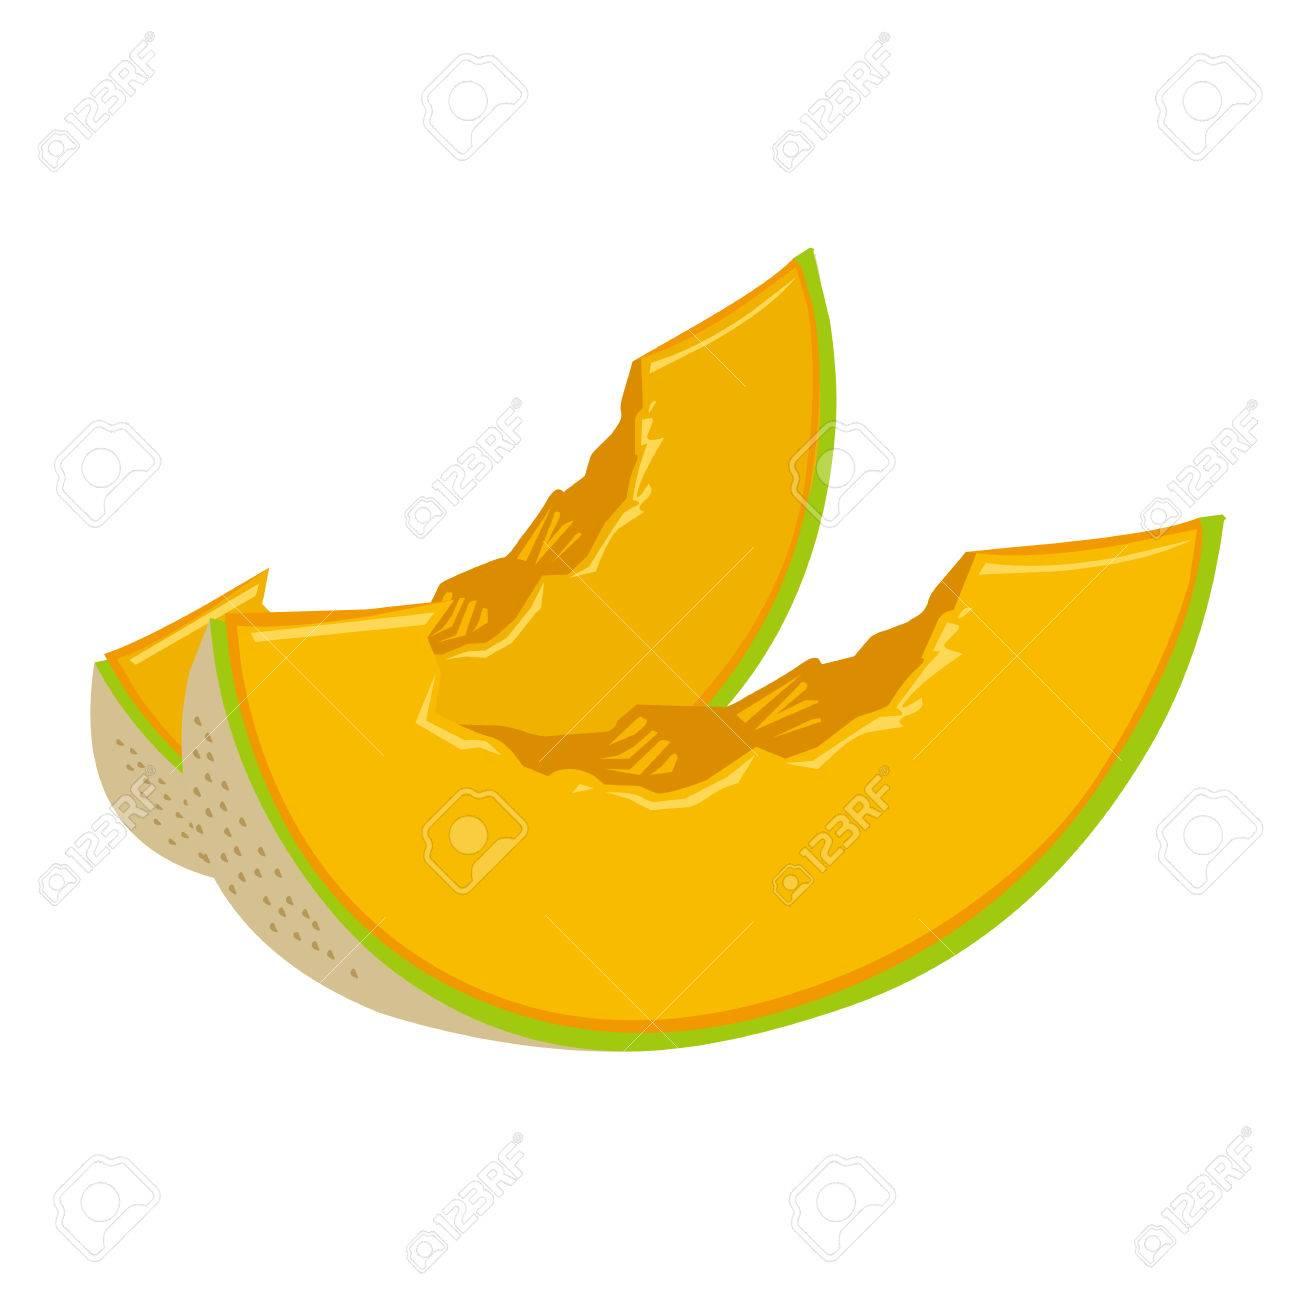 Watermelon Fruit Clip Art - Seedless - Melon Slice Cliparts Transparent PNG